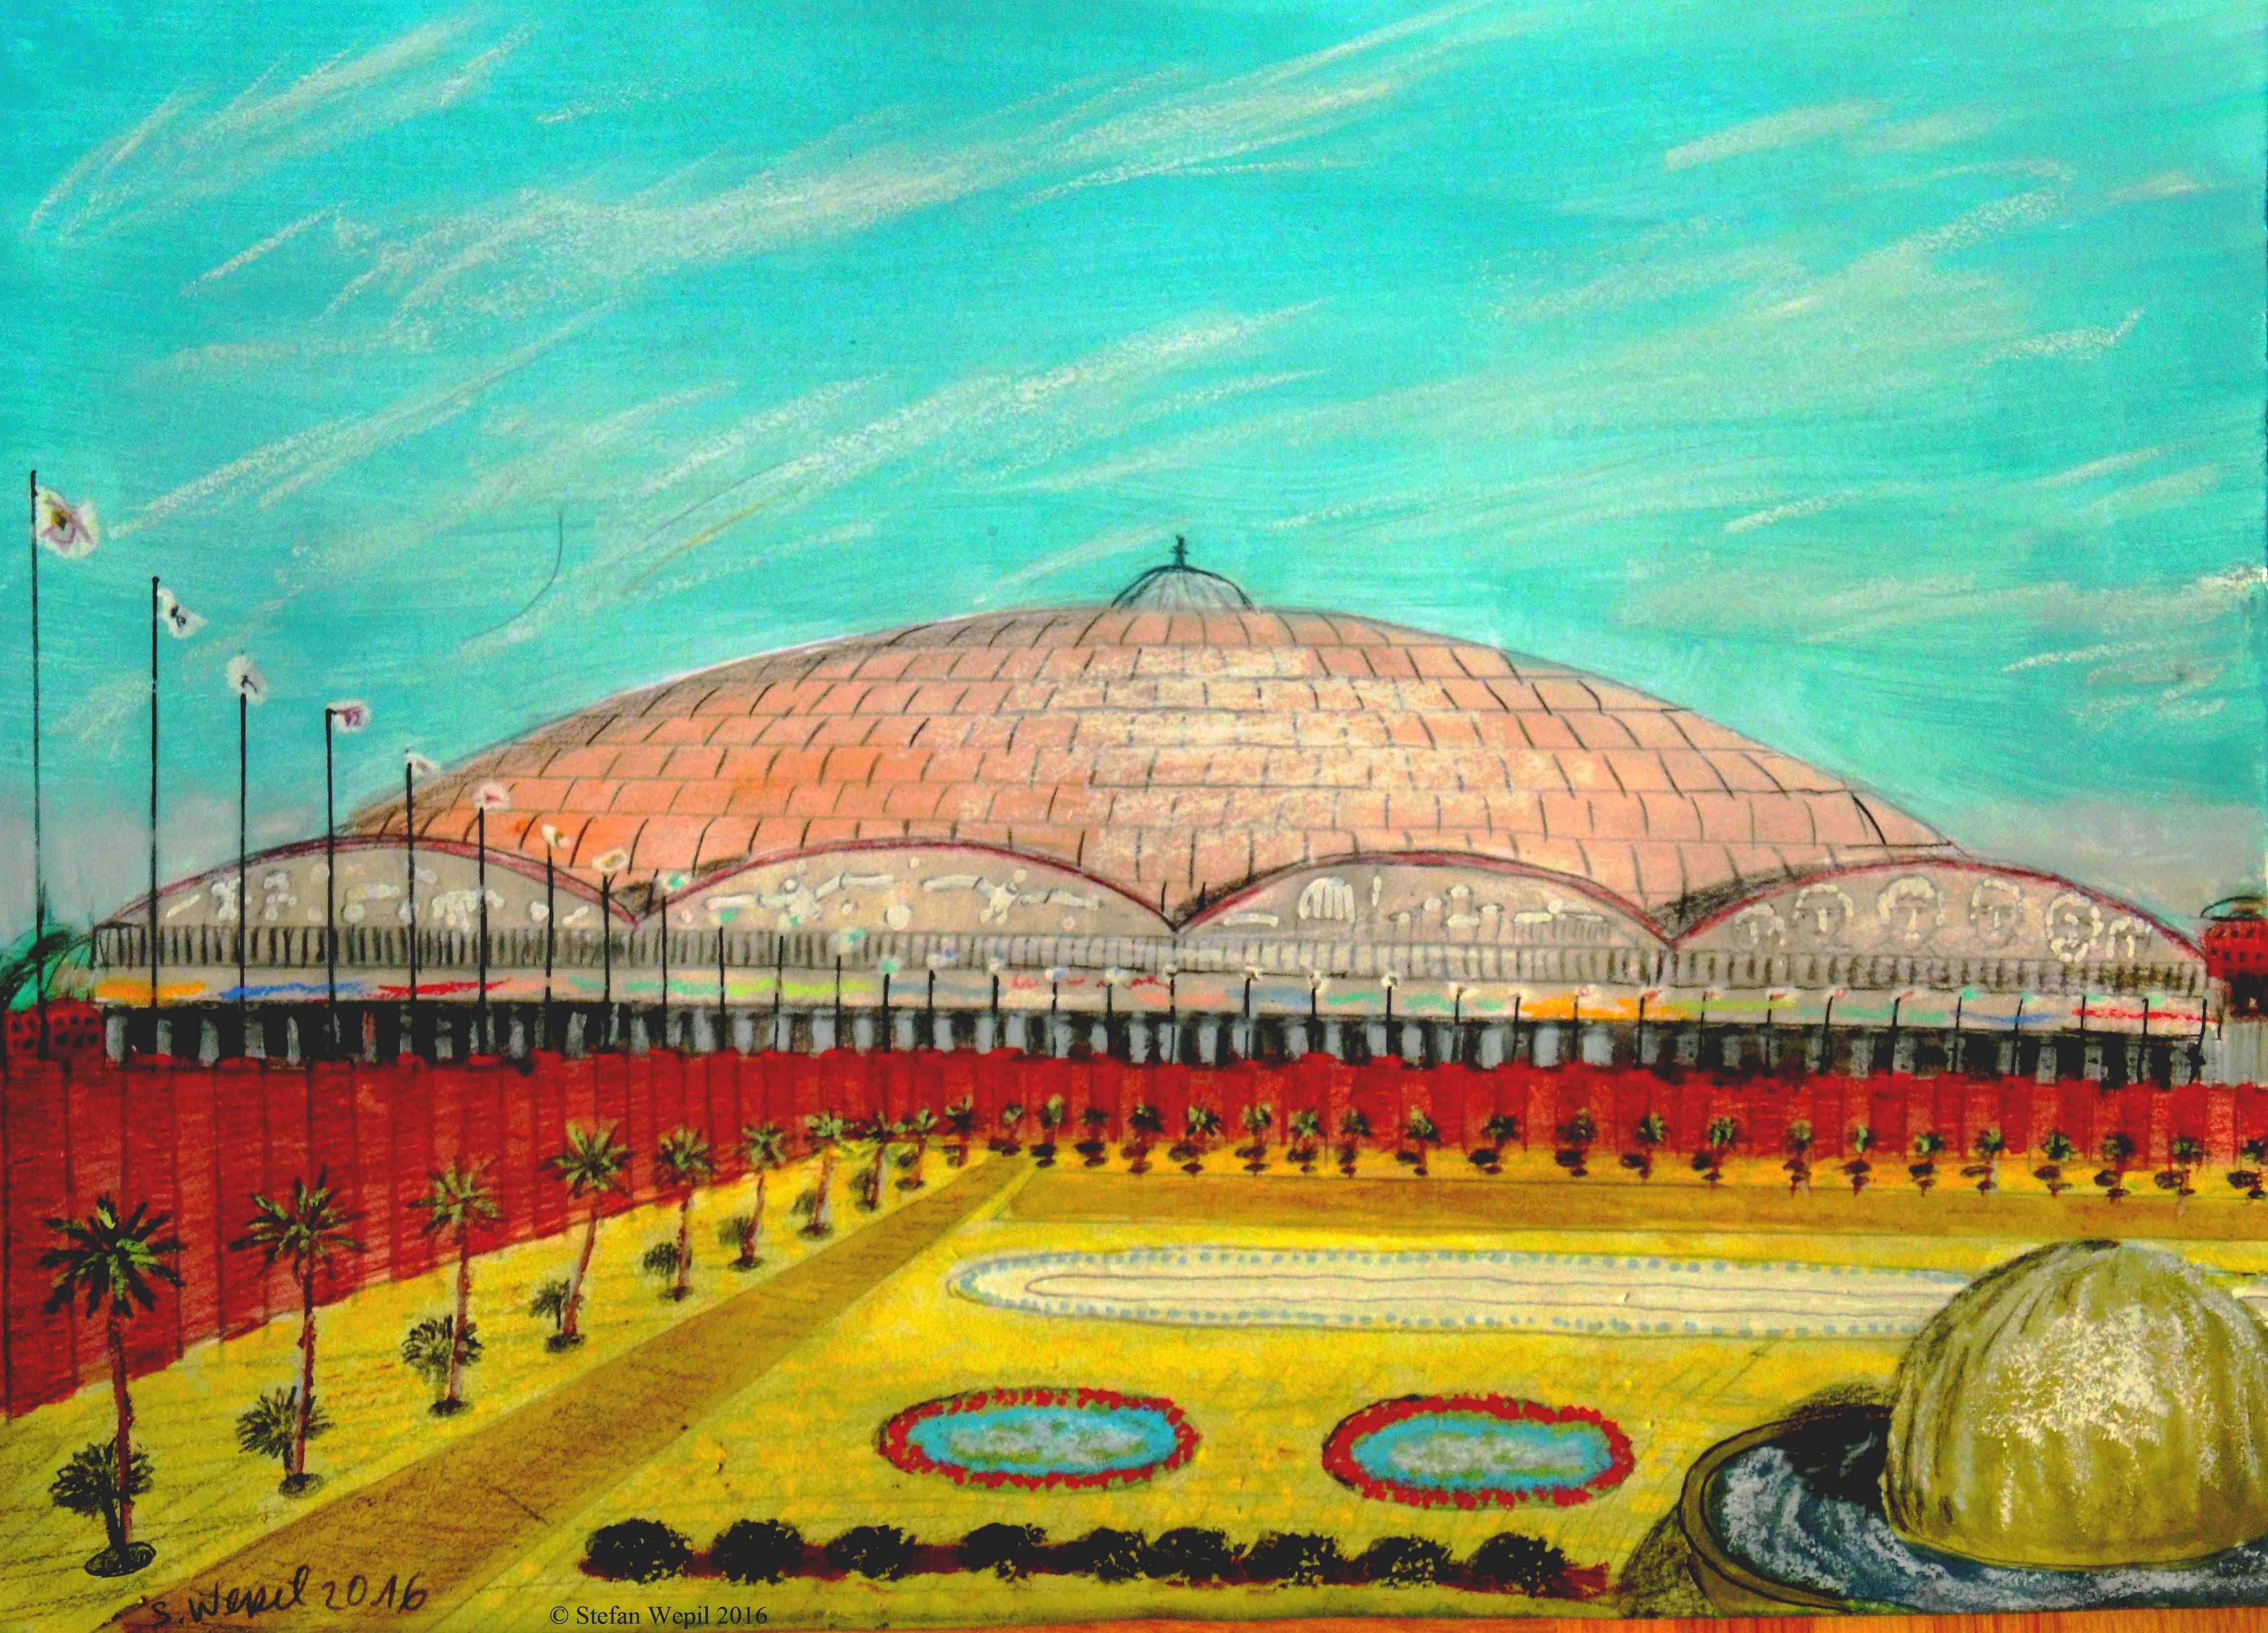 Jusilus-Platz mit der Jusilus-Mall im Zentraum von Dom auf dem Planeten Dorgon (C) Stefan Wepil